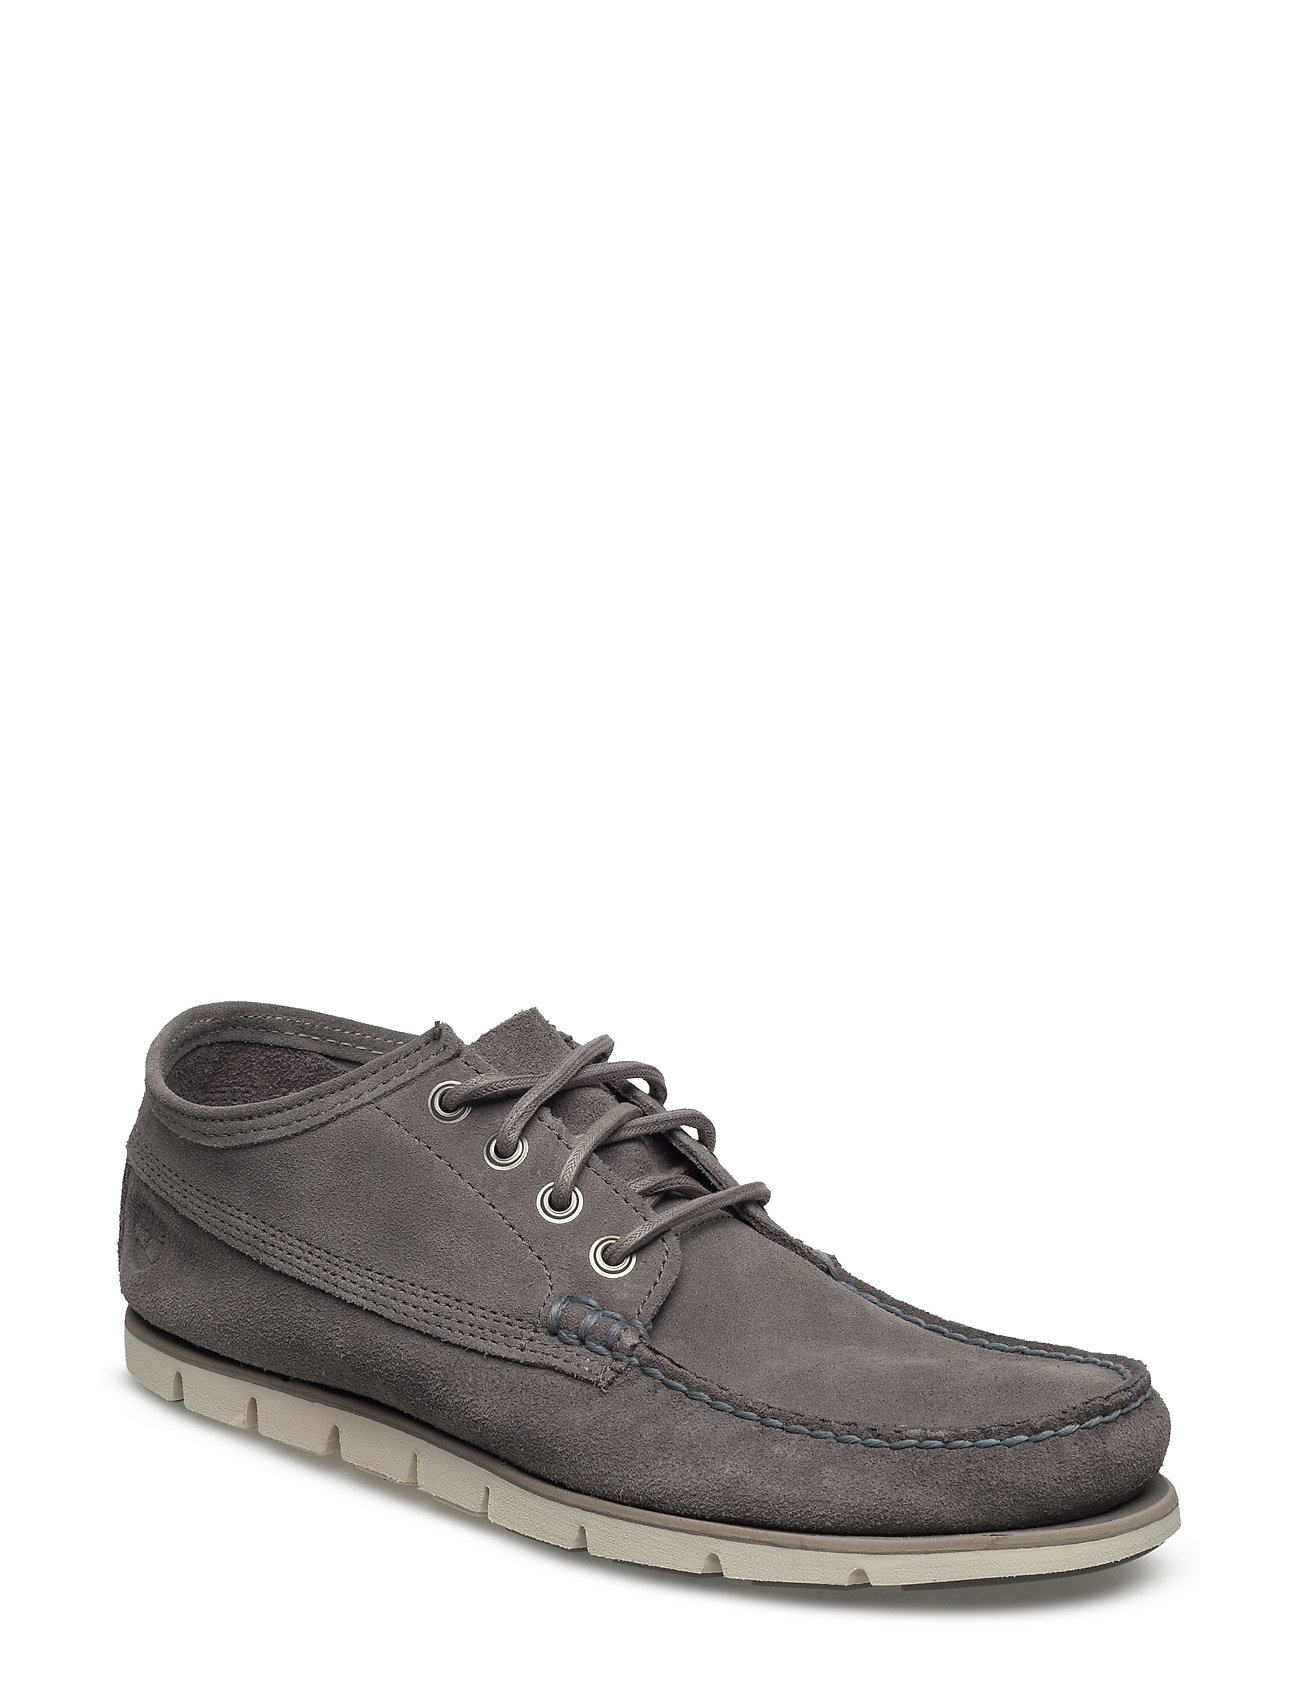 Tidelands Ranger Moc Timberland Casual sko til Herrer i